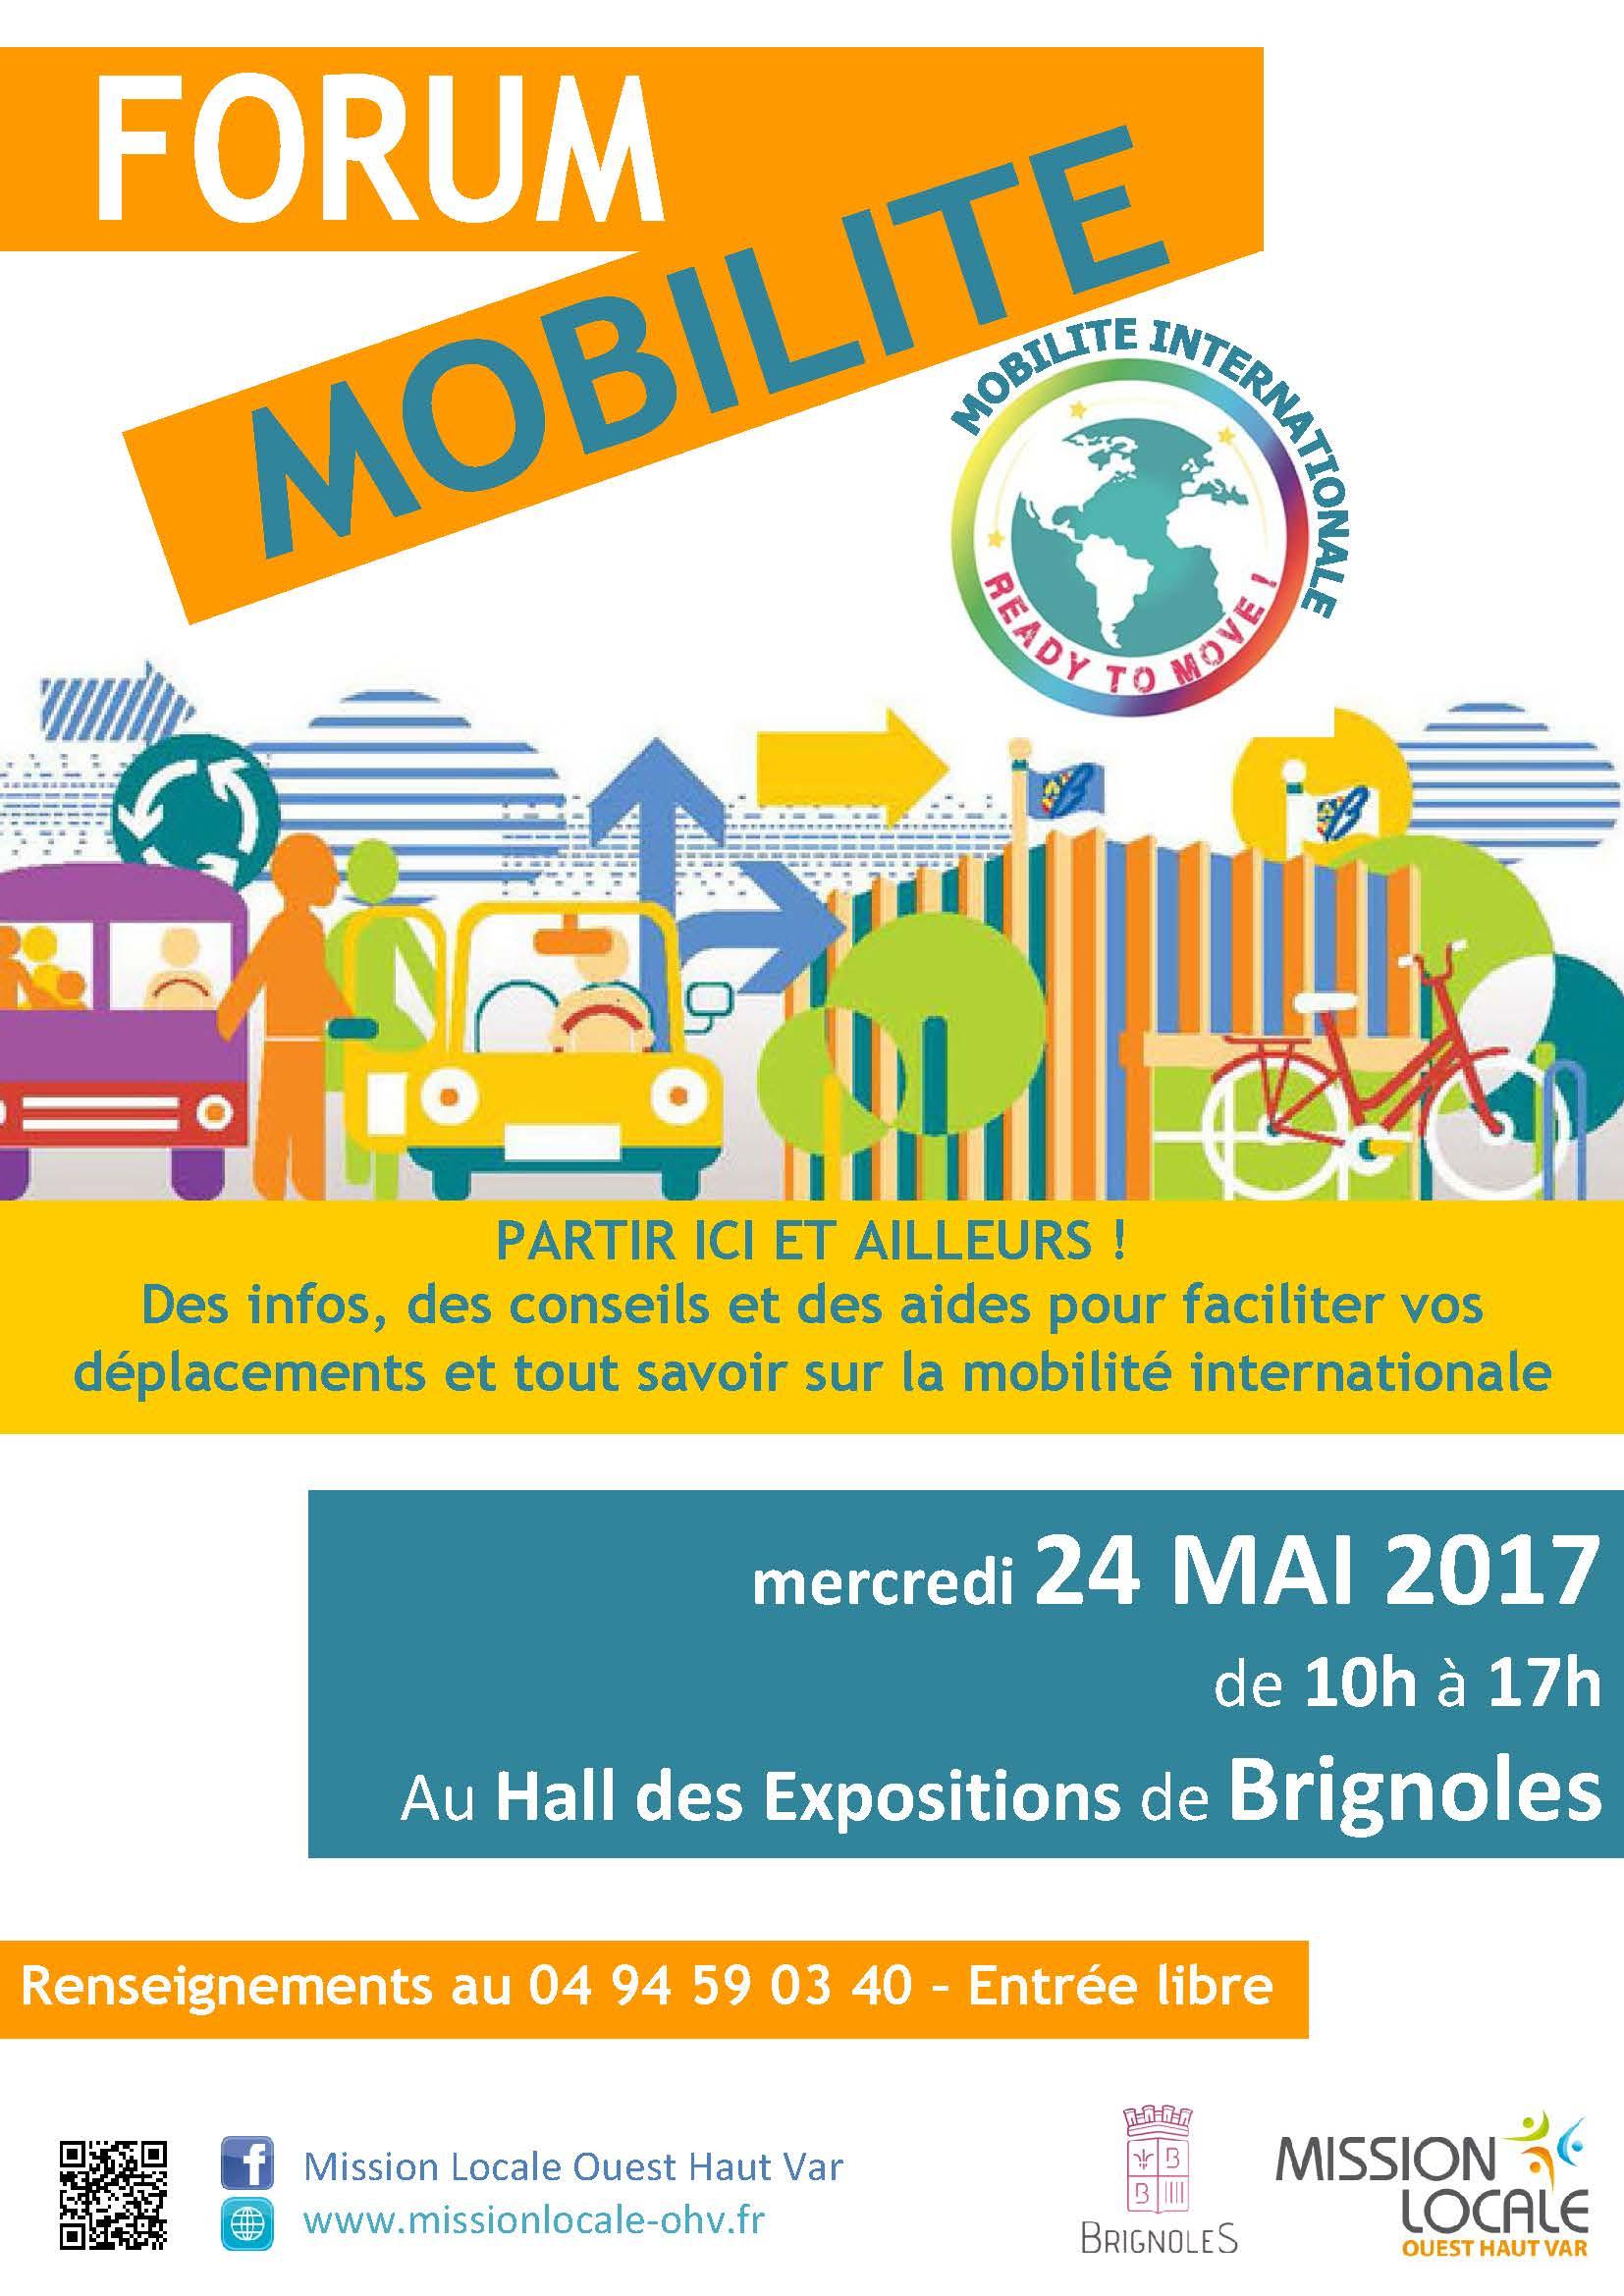 forum sur la mobilit 24 mai 2017 mairie de cotignac village de caract re. Black Bedroom Furniture Sets. Home Design Ideas